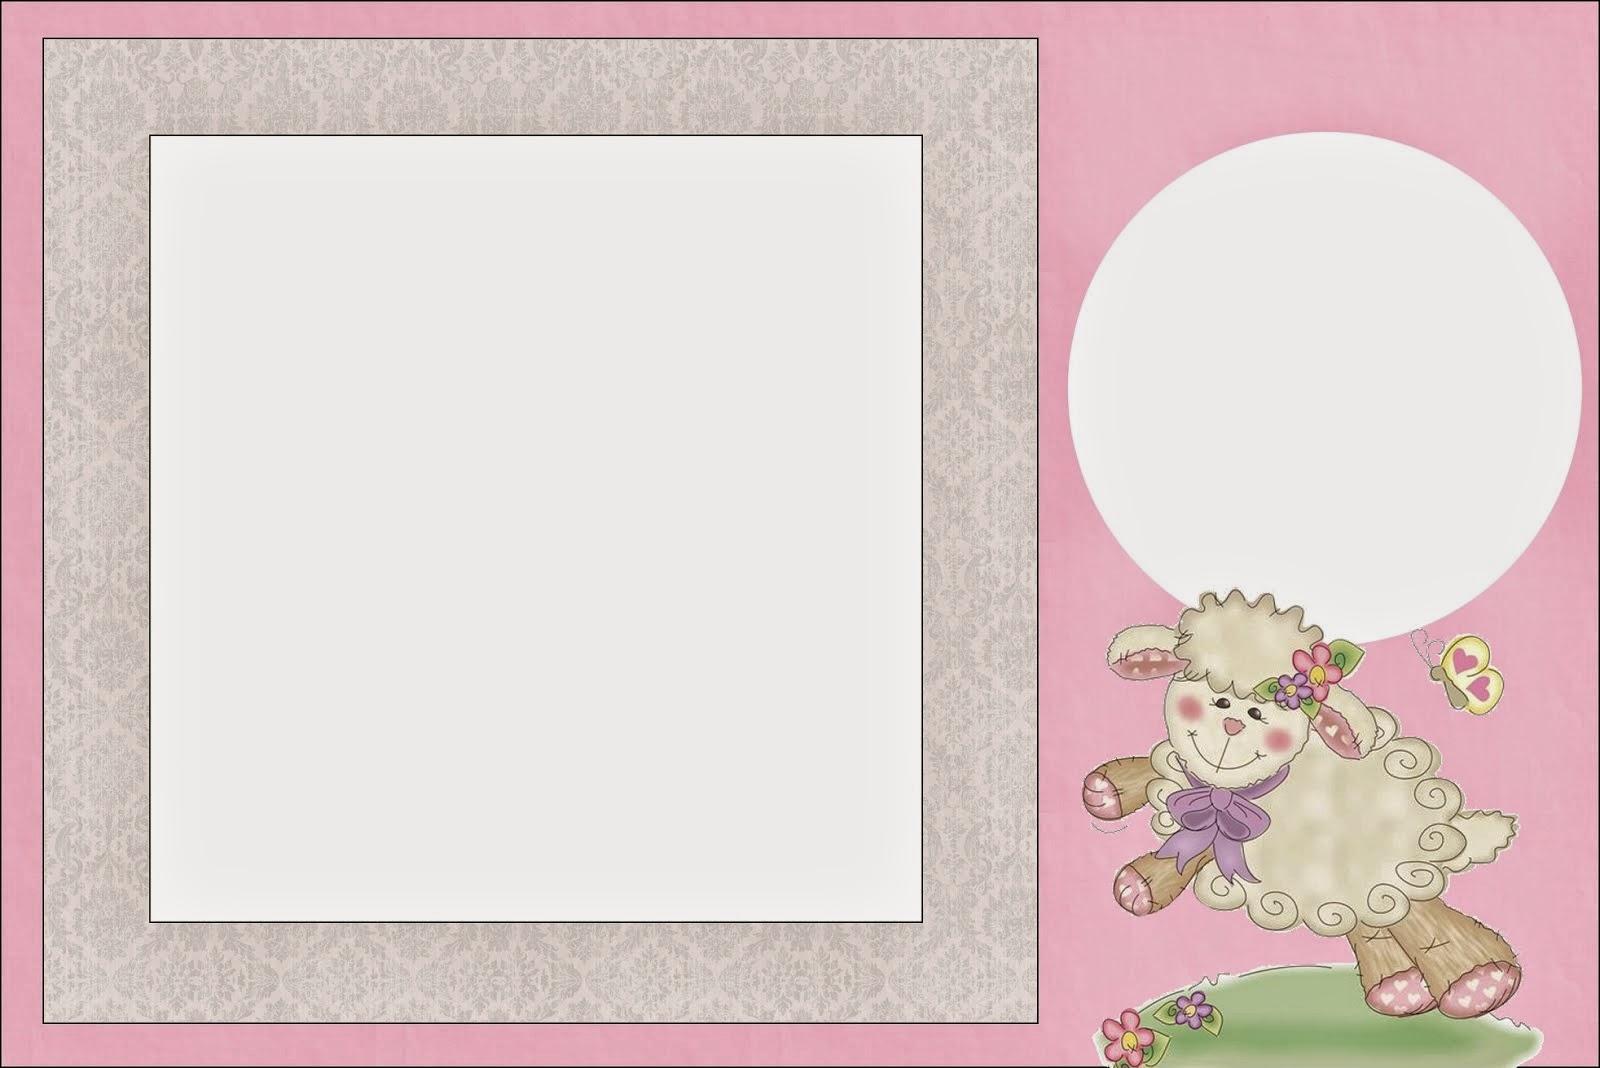 Para hacer invitaciones, tarjetas, marcos de fotos o etiquetas, para imprimir gratis de Ovejita en Fondo Rosa.